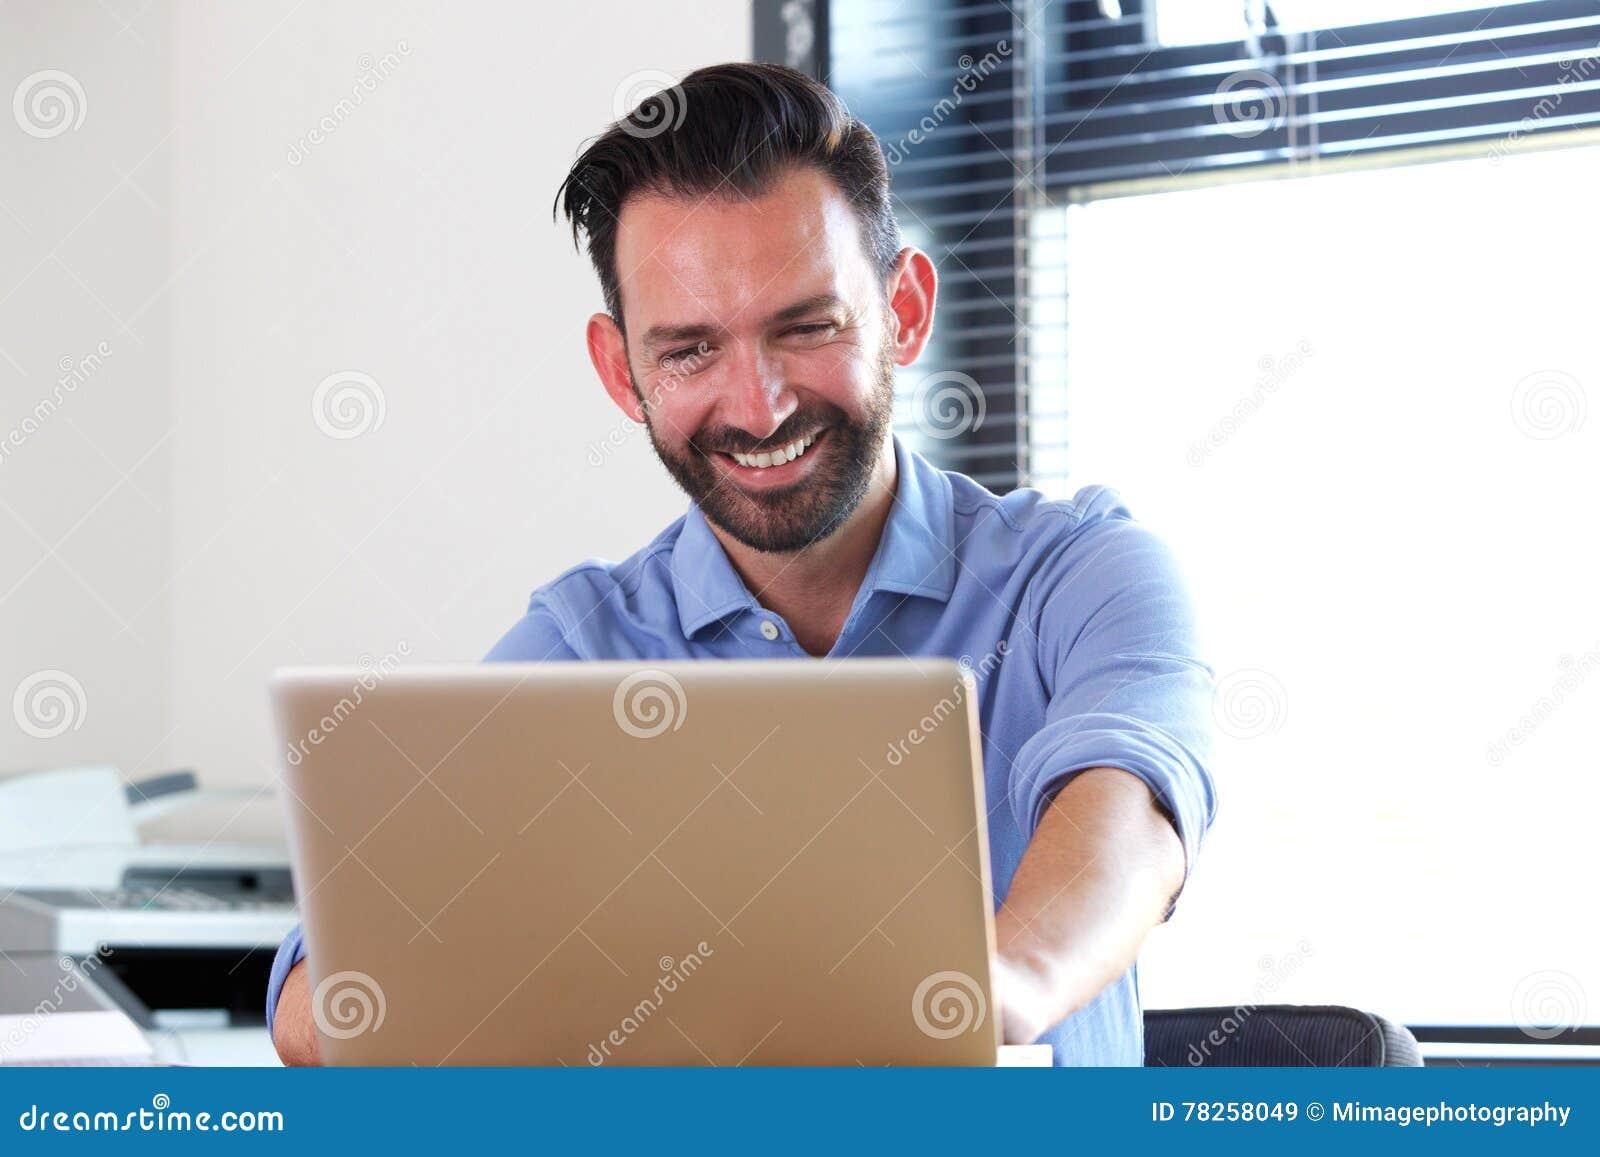 Εύθυμη ώριμη συνεδρίαση ατόμων στο γραφείο του και χρησιμοποίηση του lap-top